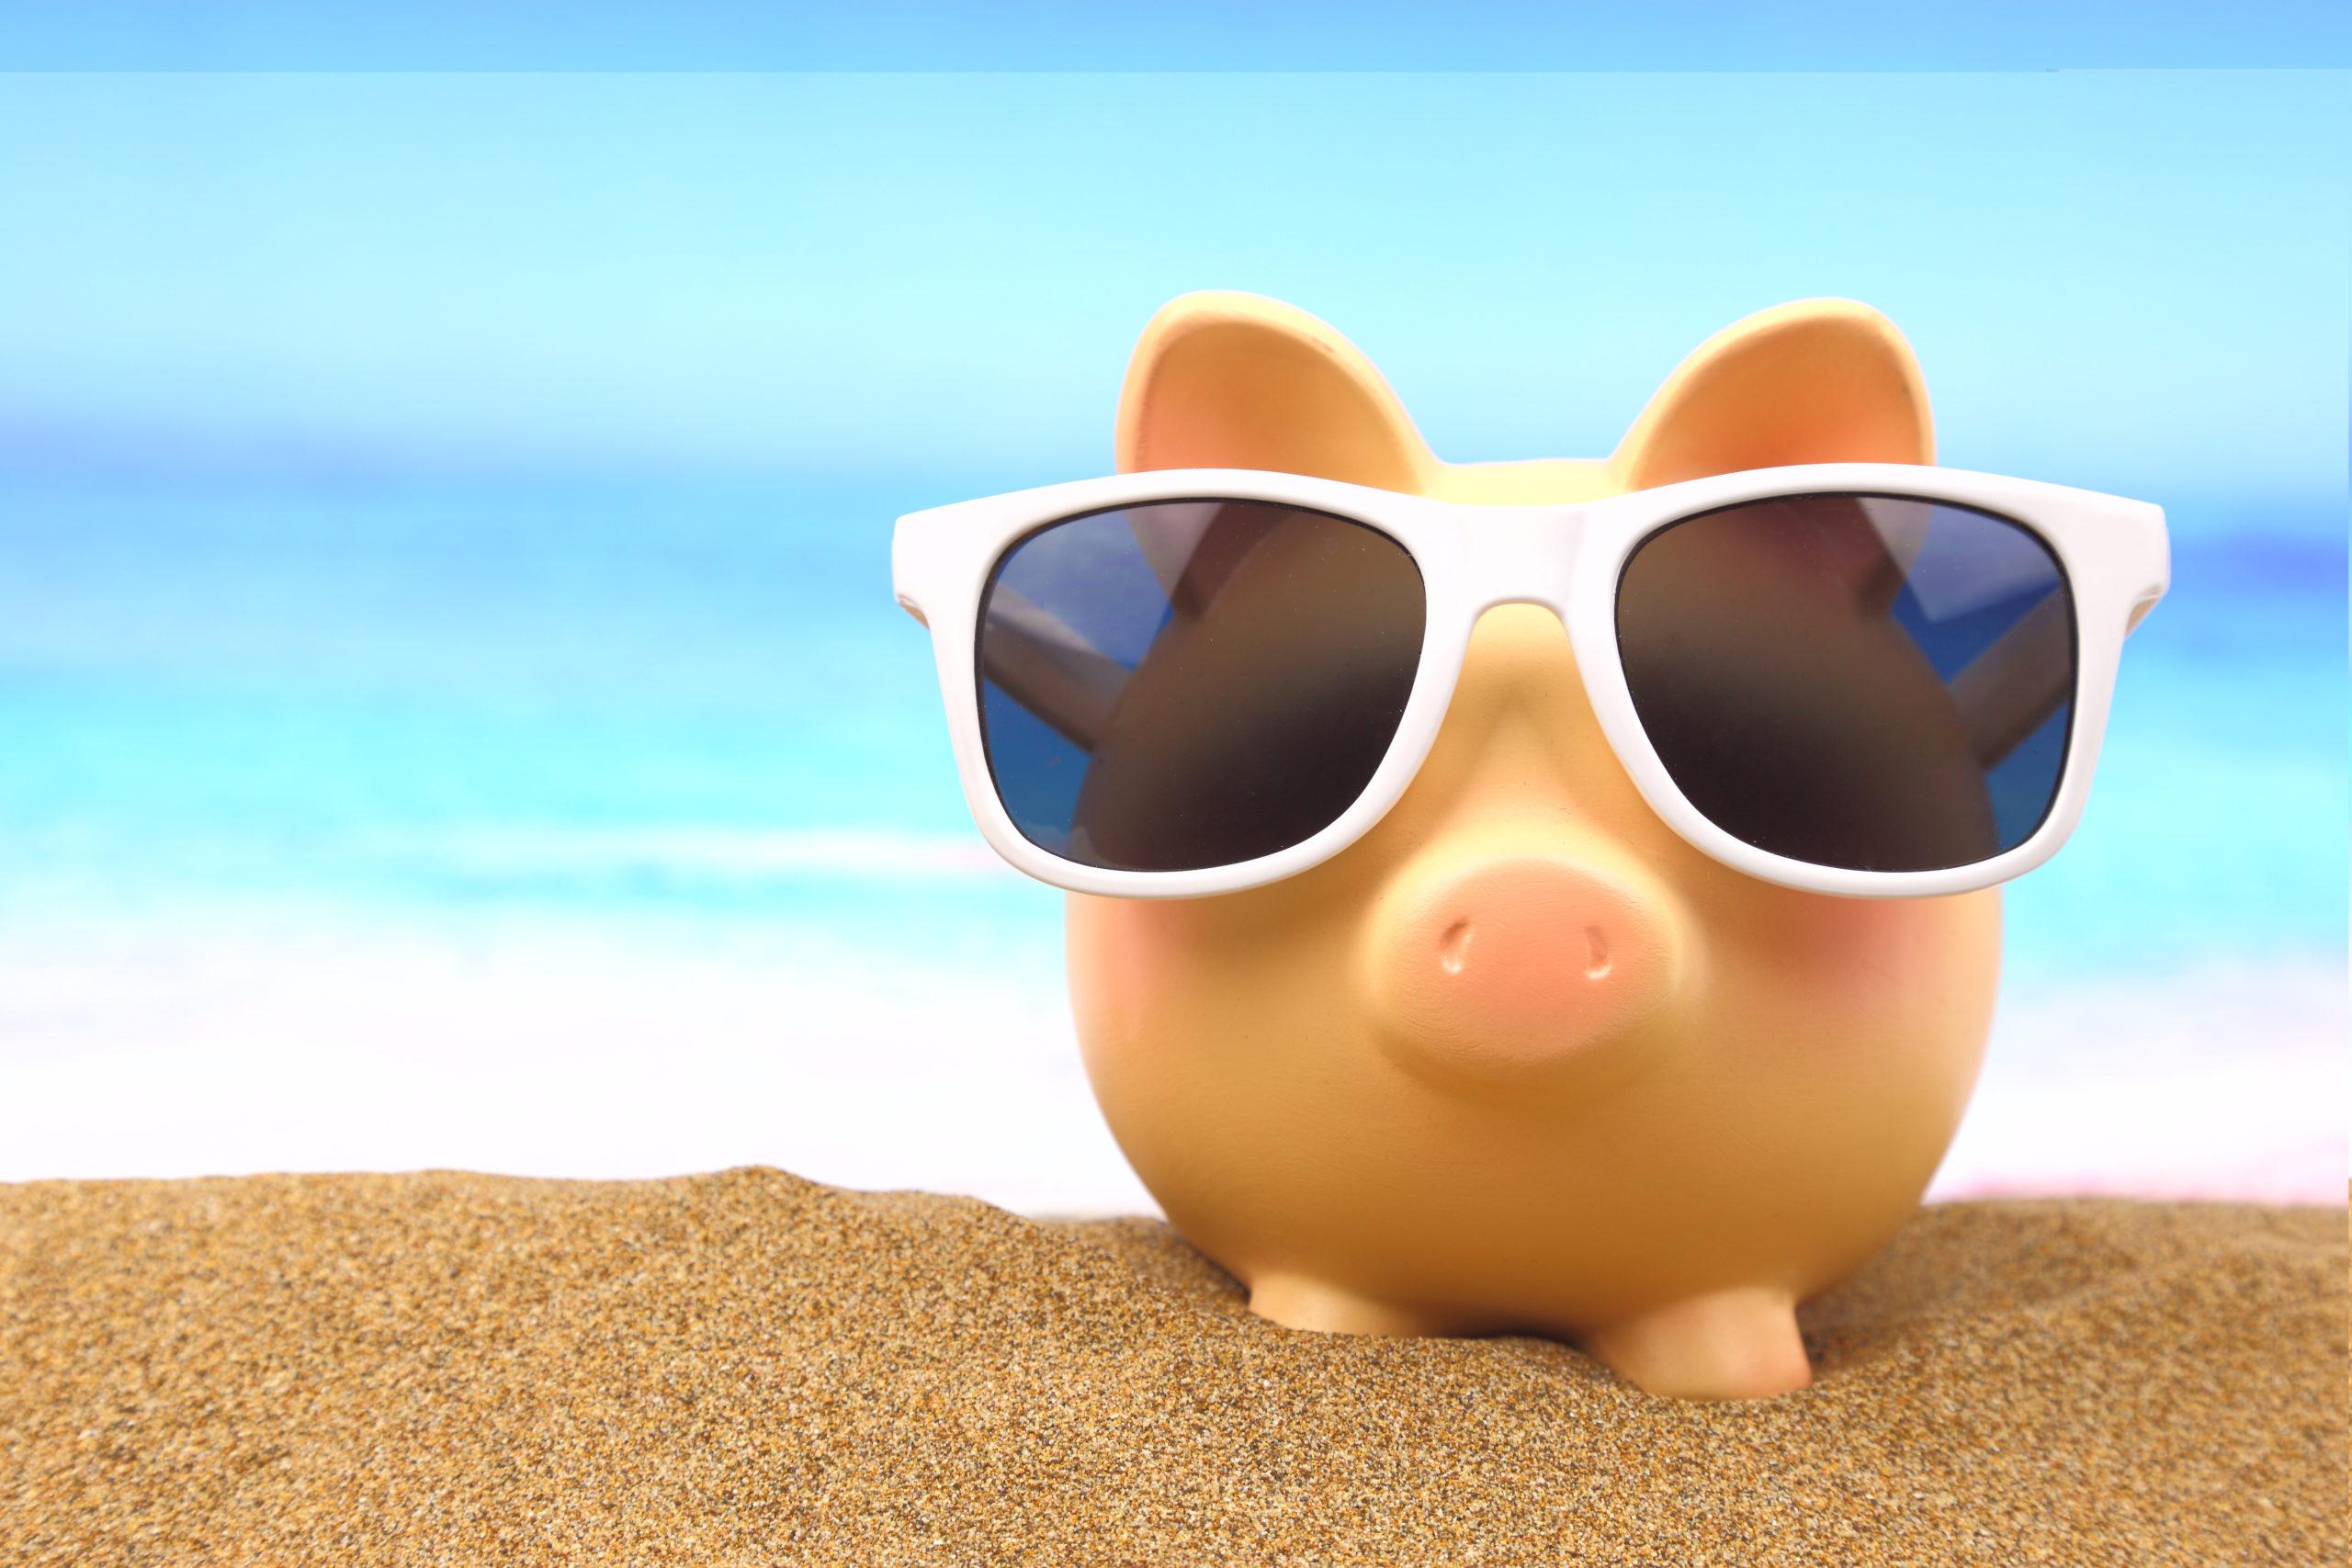 Piggy ba k in the beach wearing sun glasses